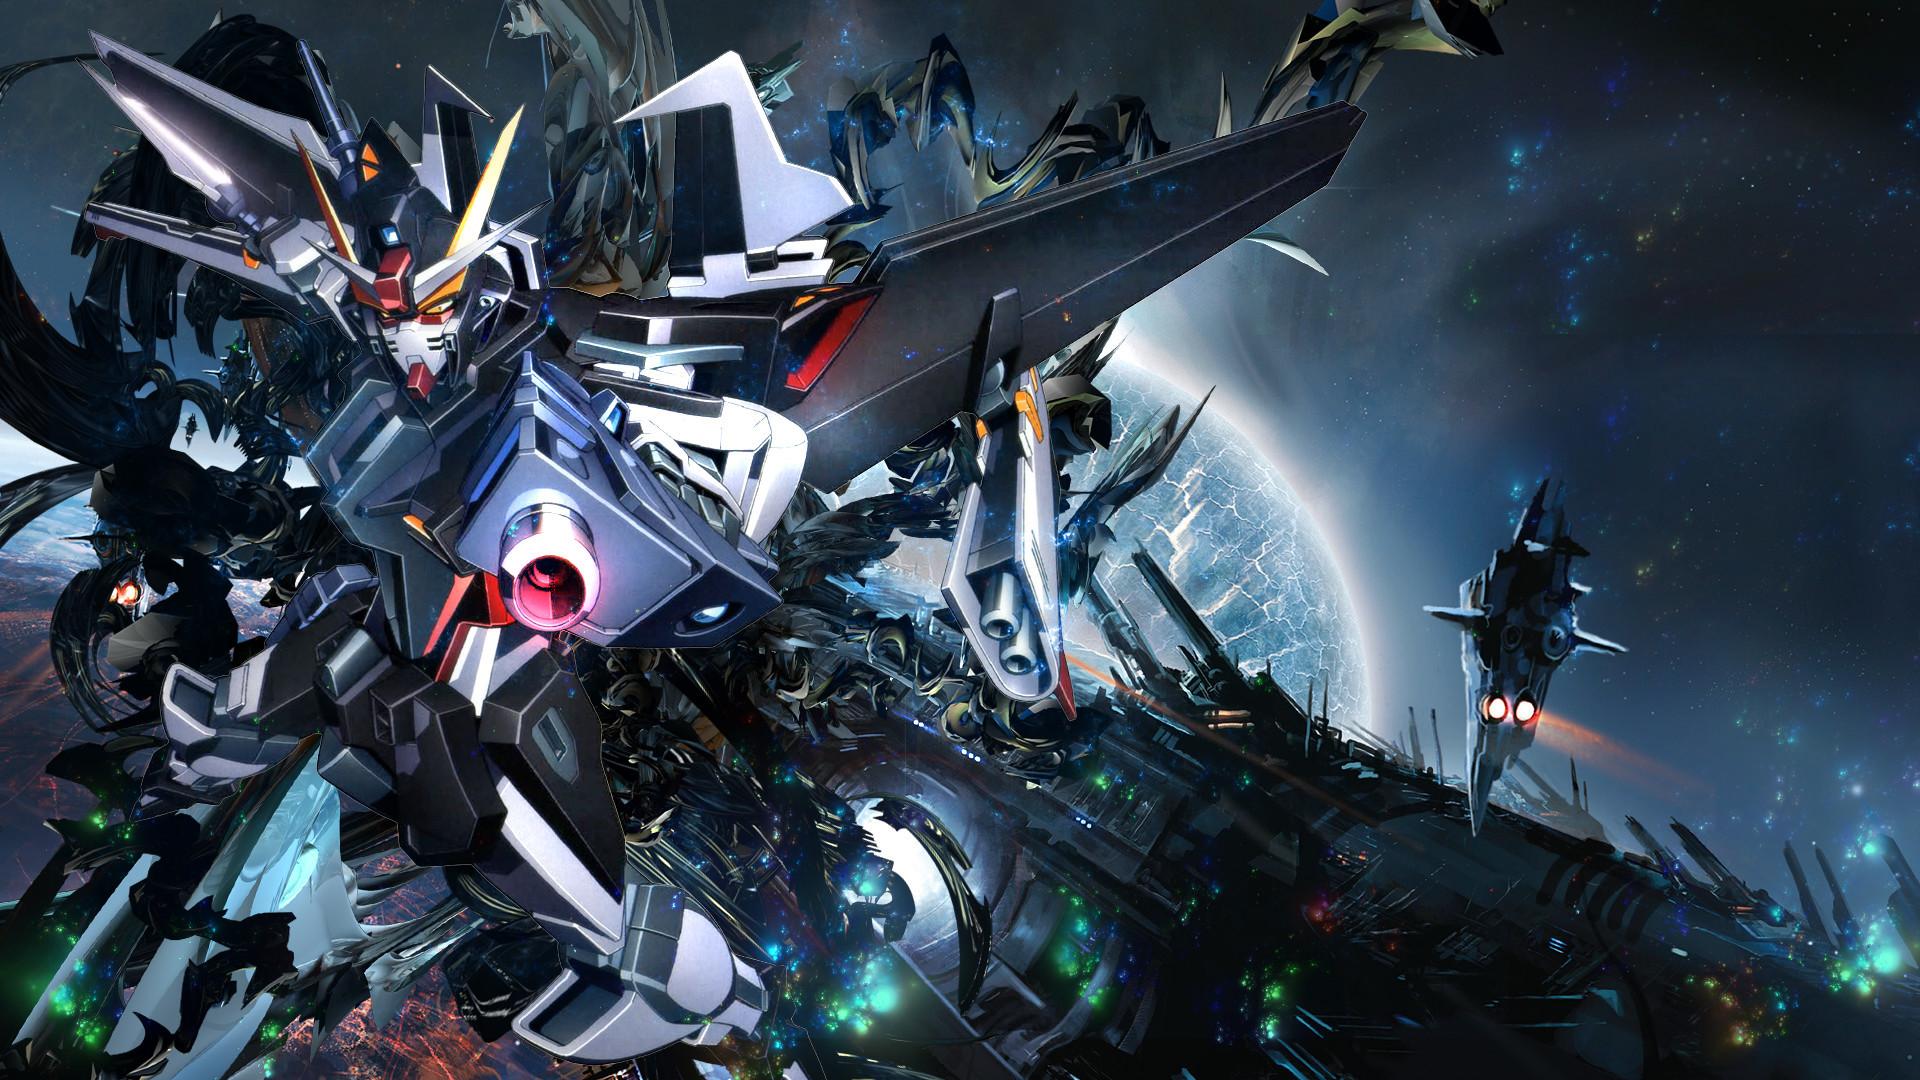 Gundam 00 wallpaper hd 67 images - Gundam wallpaper hd ...